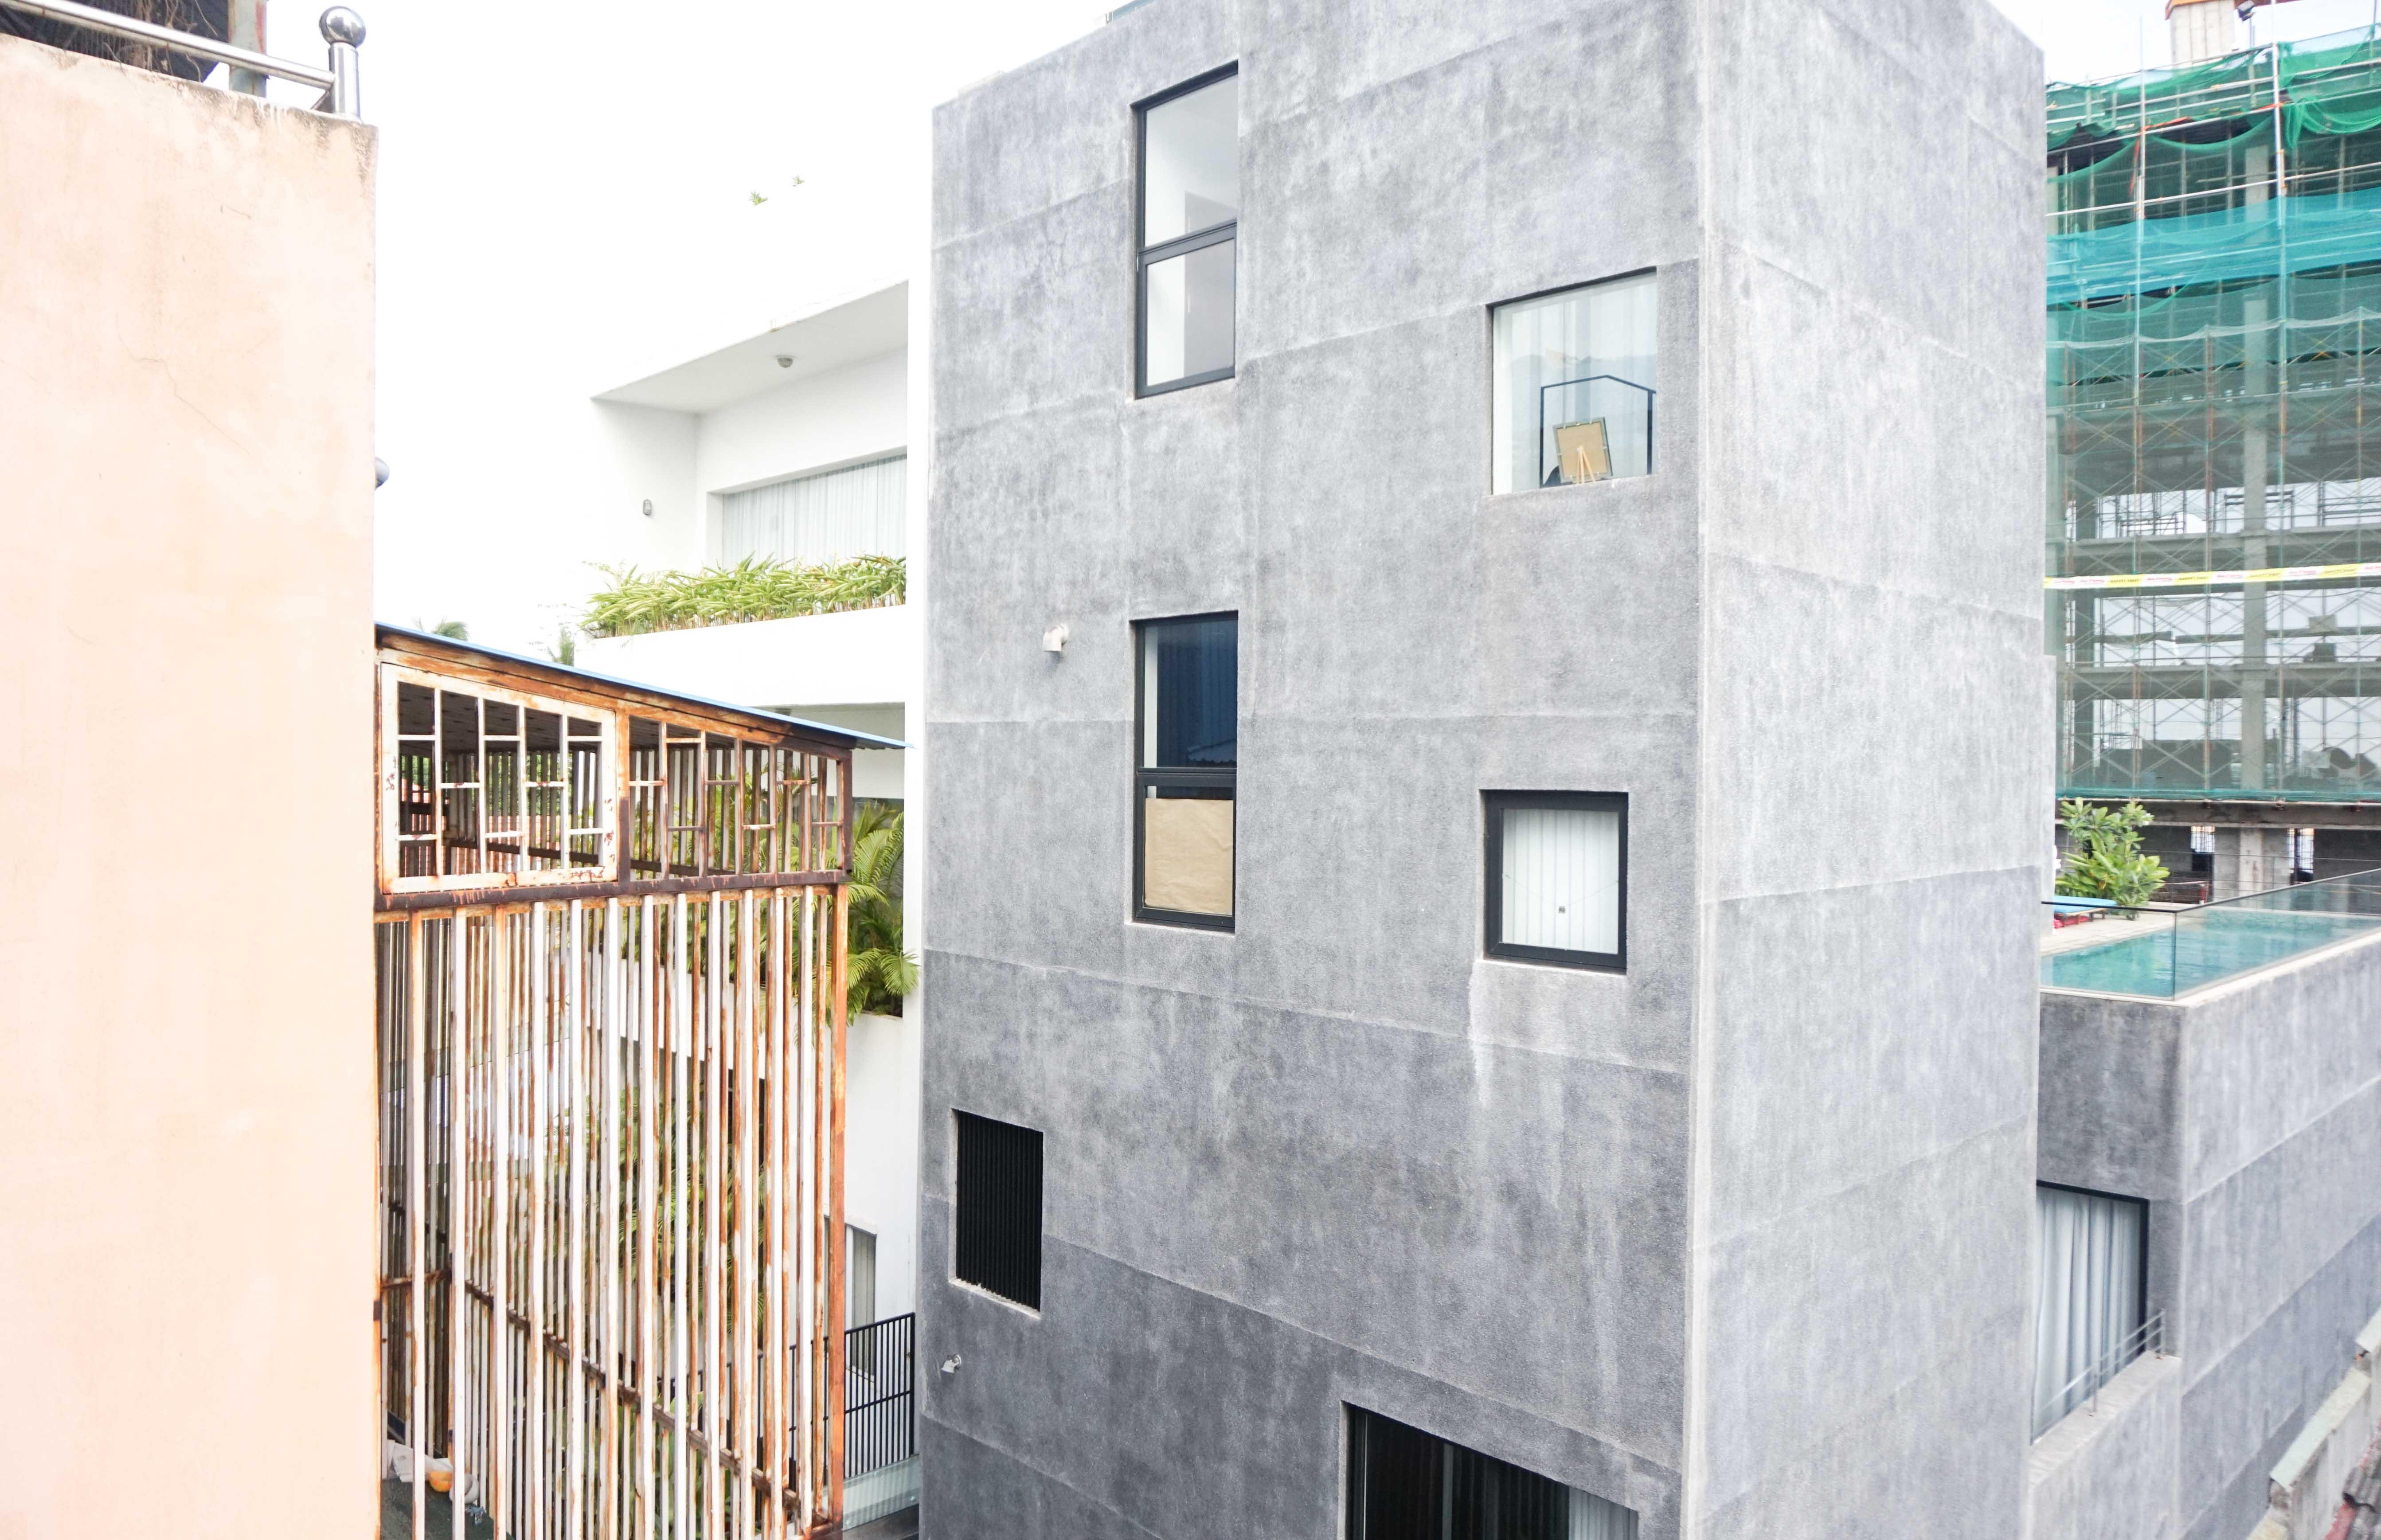 Cho Thuê Duplex 1 PN An Phu Apartment - Đầy Đủ Nội Thất & Ấm Cúng -22